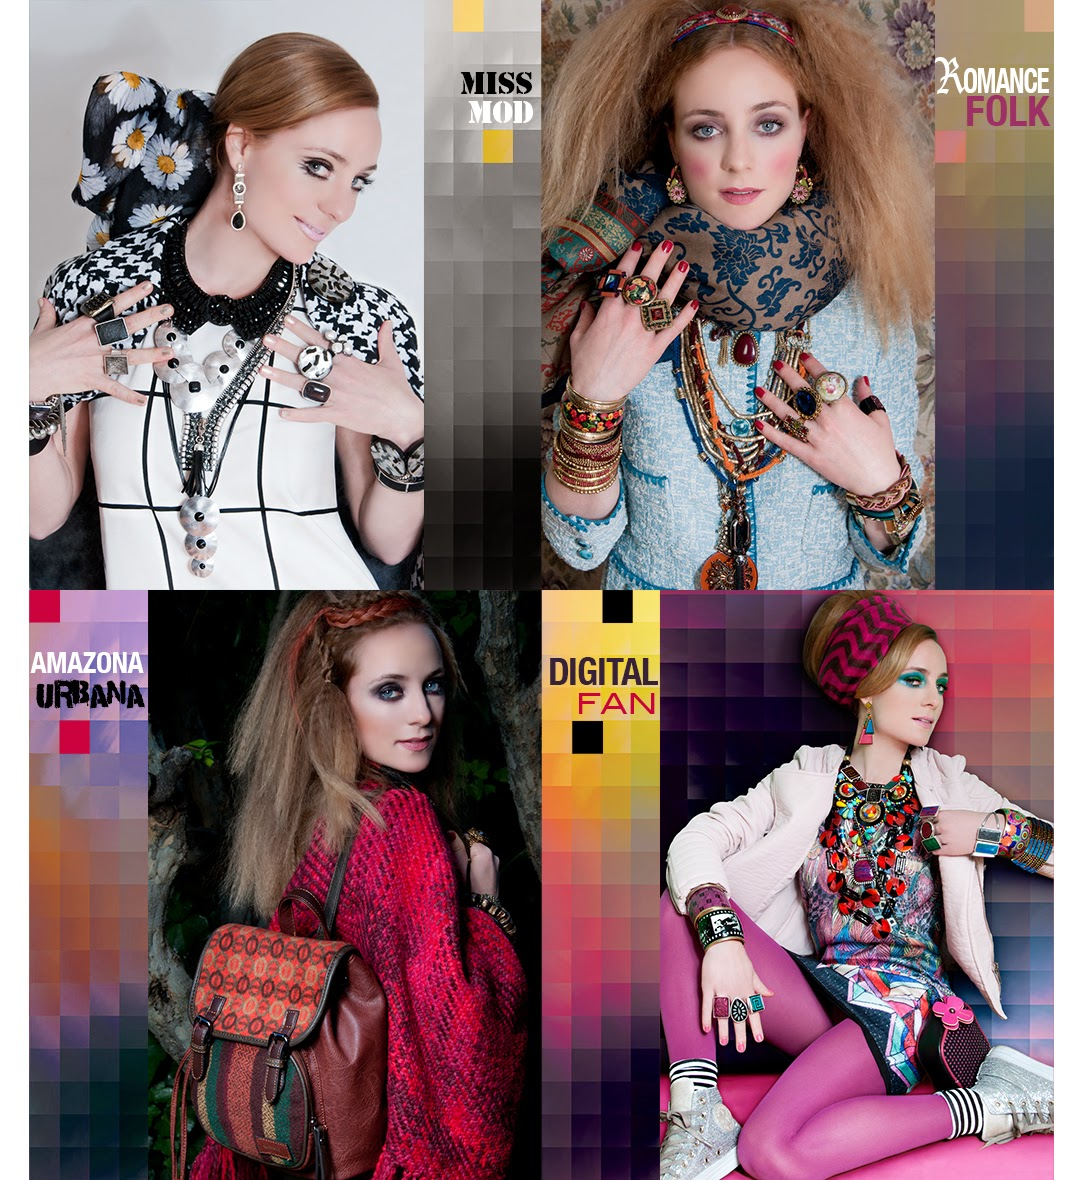 Tantrend nueva colección O-I 2014/2015, diseños de tendencia a precios muy competitivos